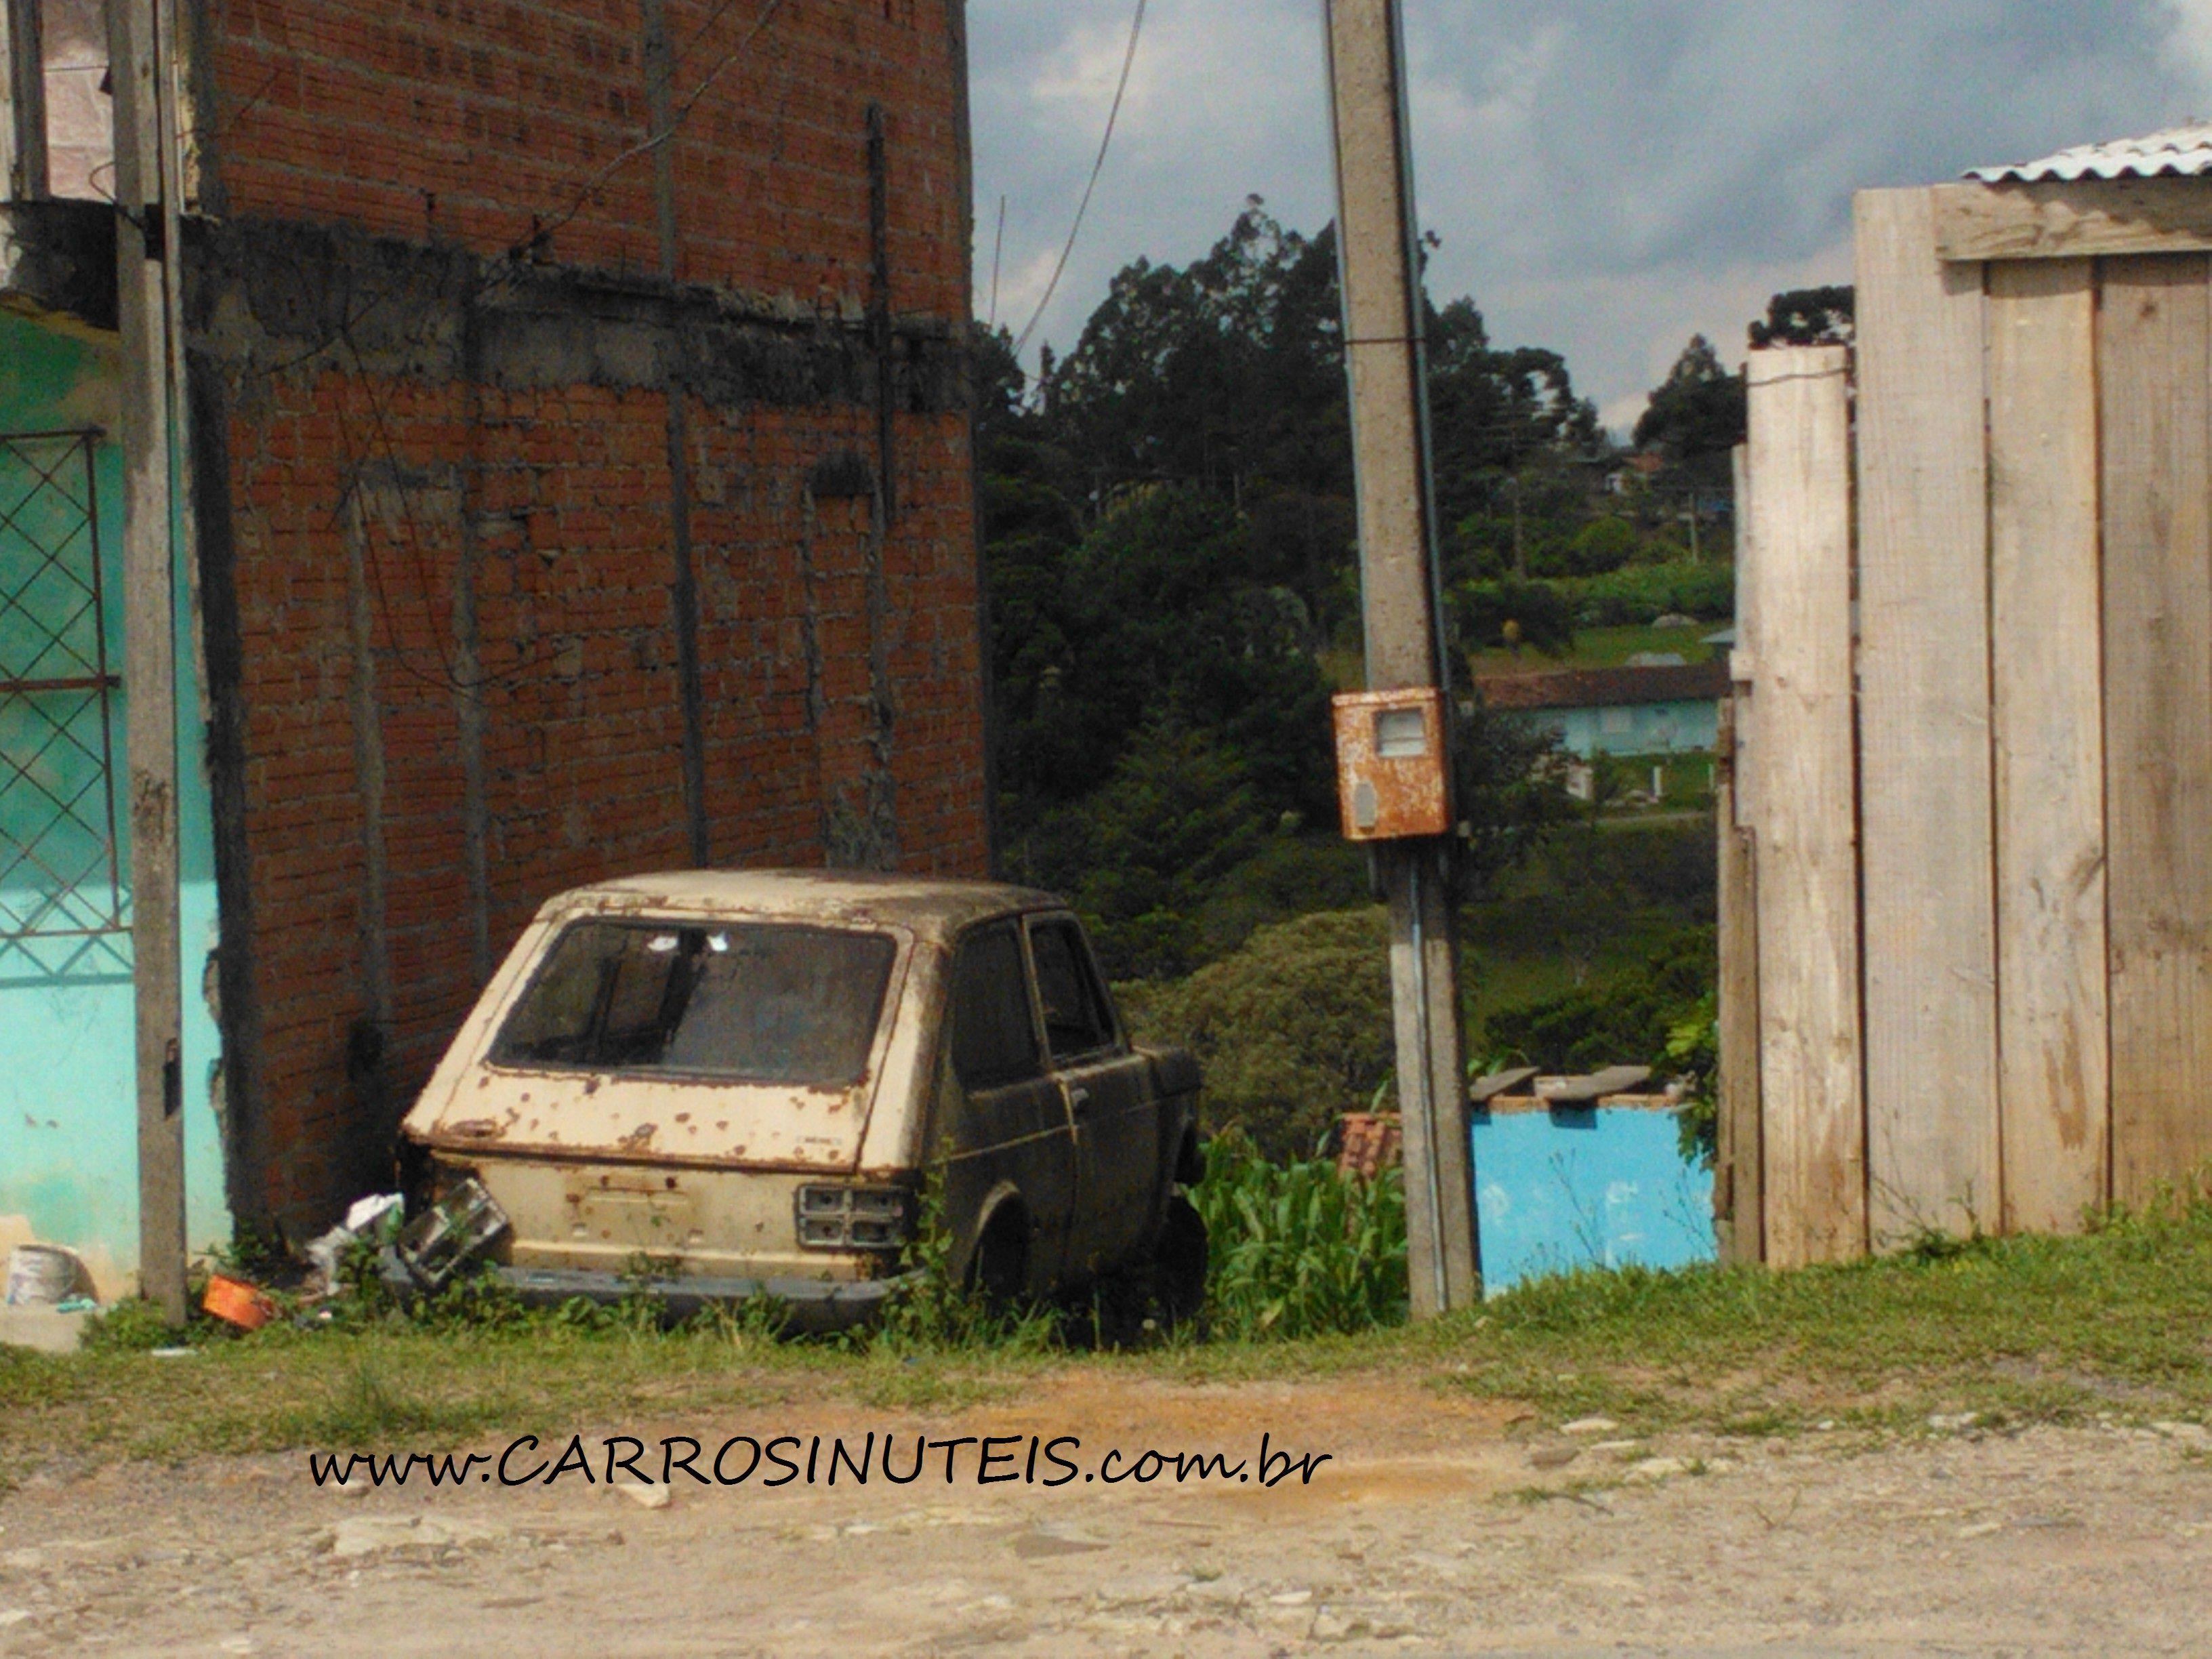 Danilo-Niespodzinski-Fiat-147-RioNegrinho-SC Fiat 147, Rio Negrinho, SC. Foto de Danilo Niespodzinski.